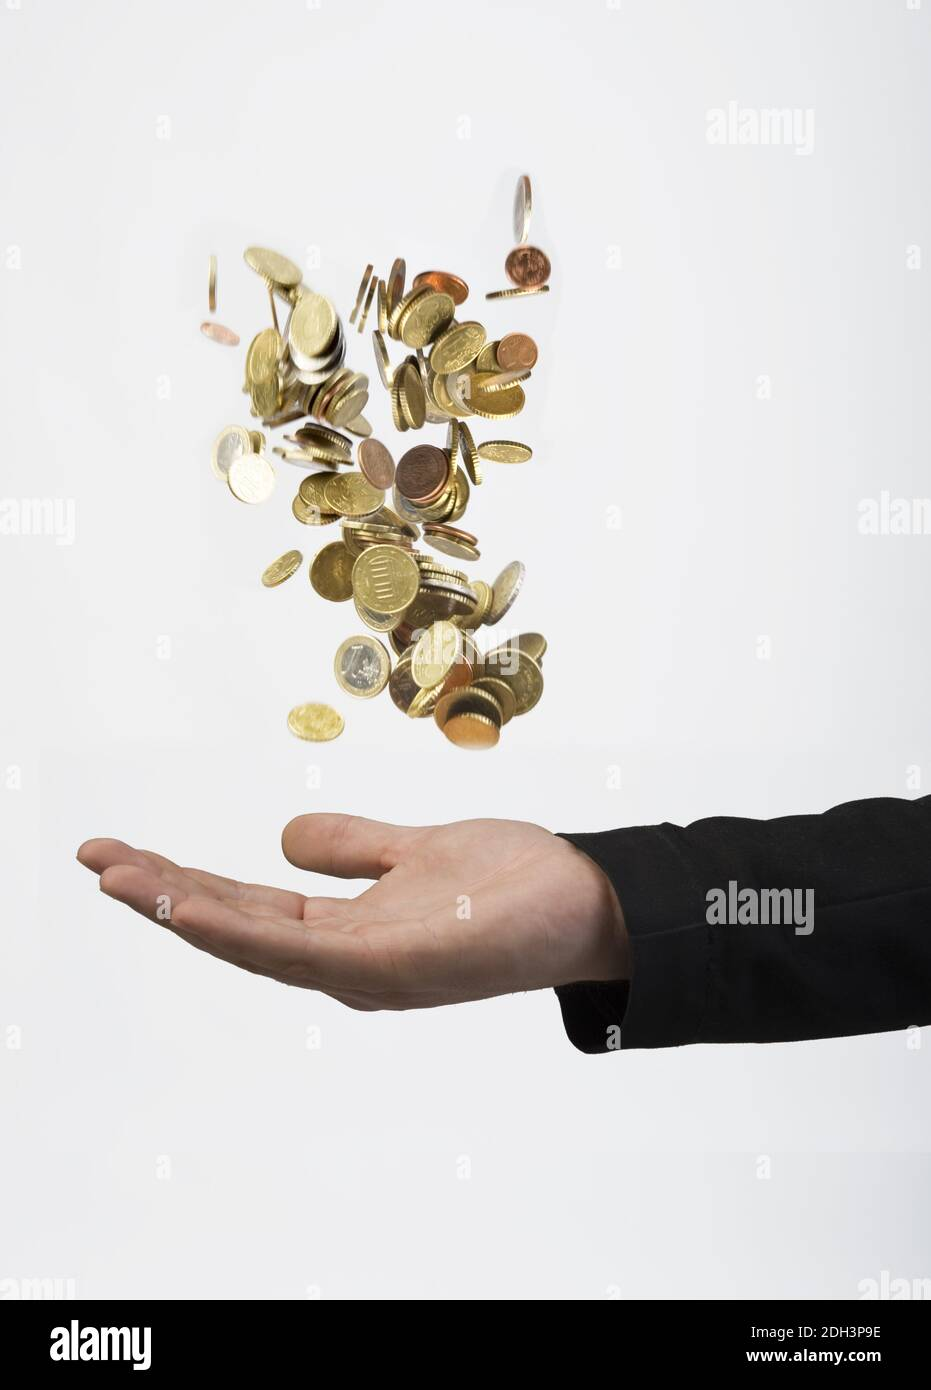 Mann wirft Geldmünzen in die Luft, fängt dise dann auf. Vermögensberater, Finanzjongleur, MR:Yes Stock Photo